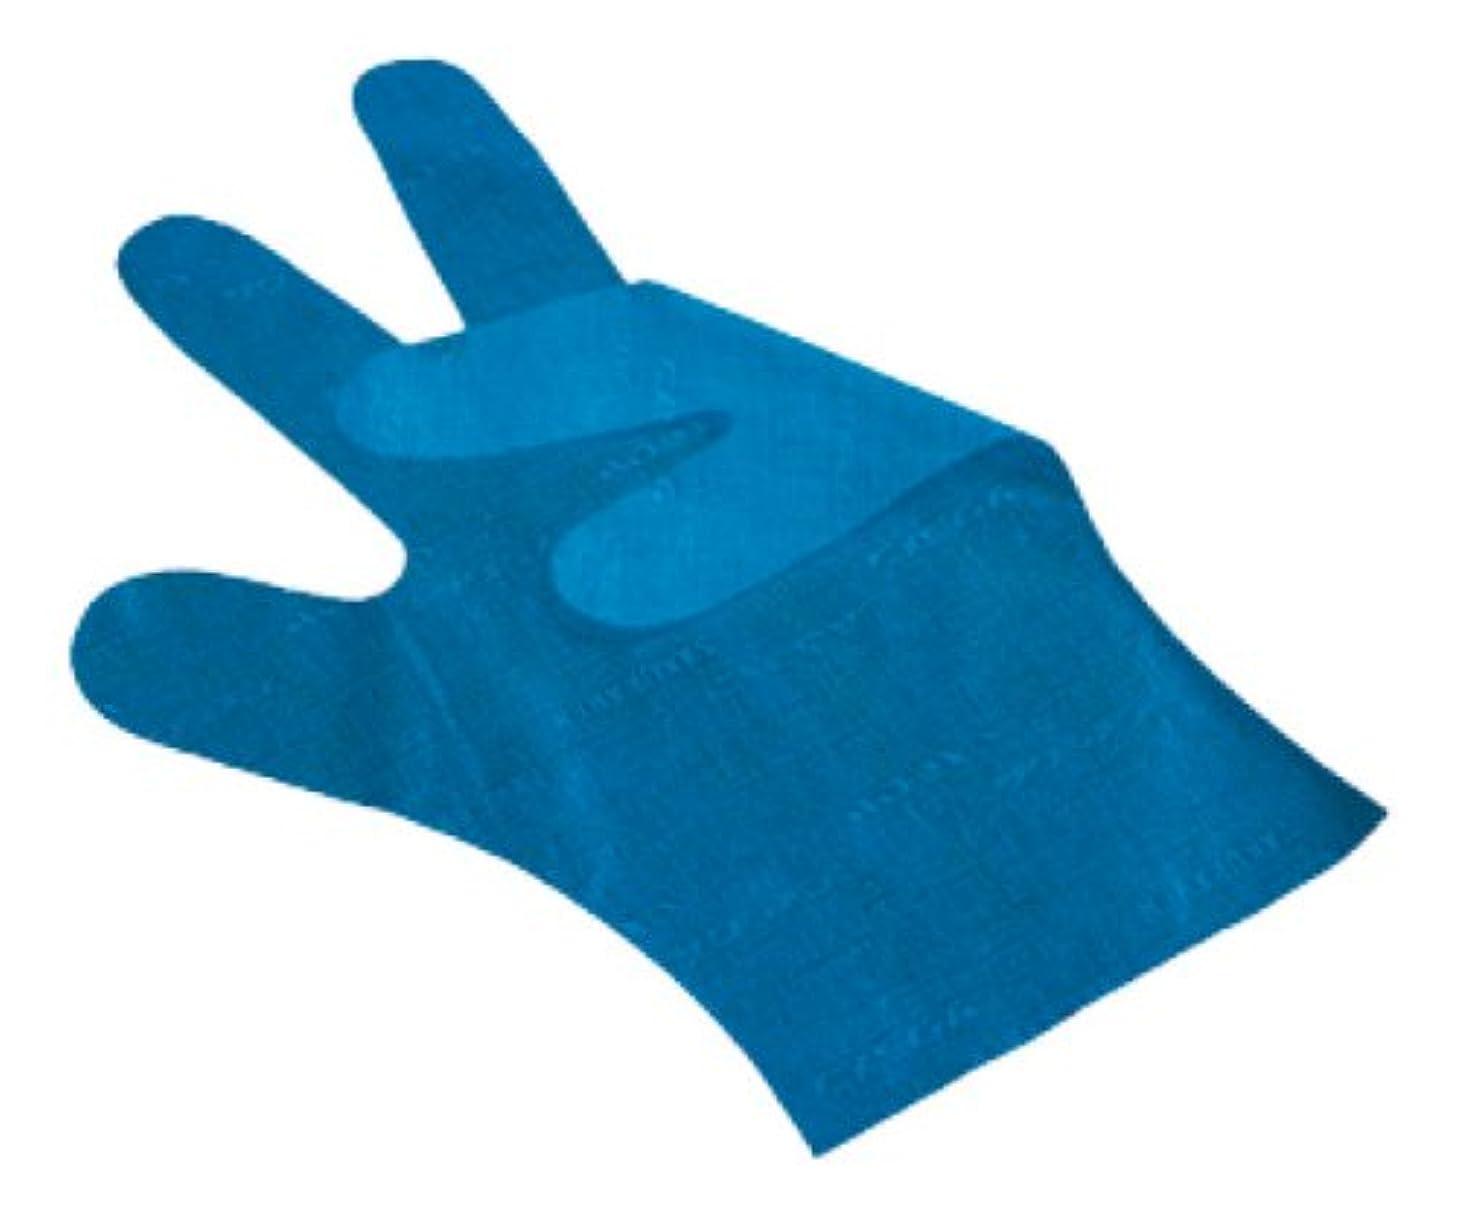 パパほとんどないインタネットを見るサクラメン手袋 デラックス(100枚入)S ブルー 35μ